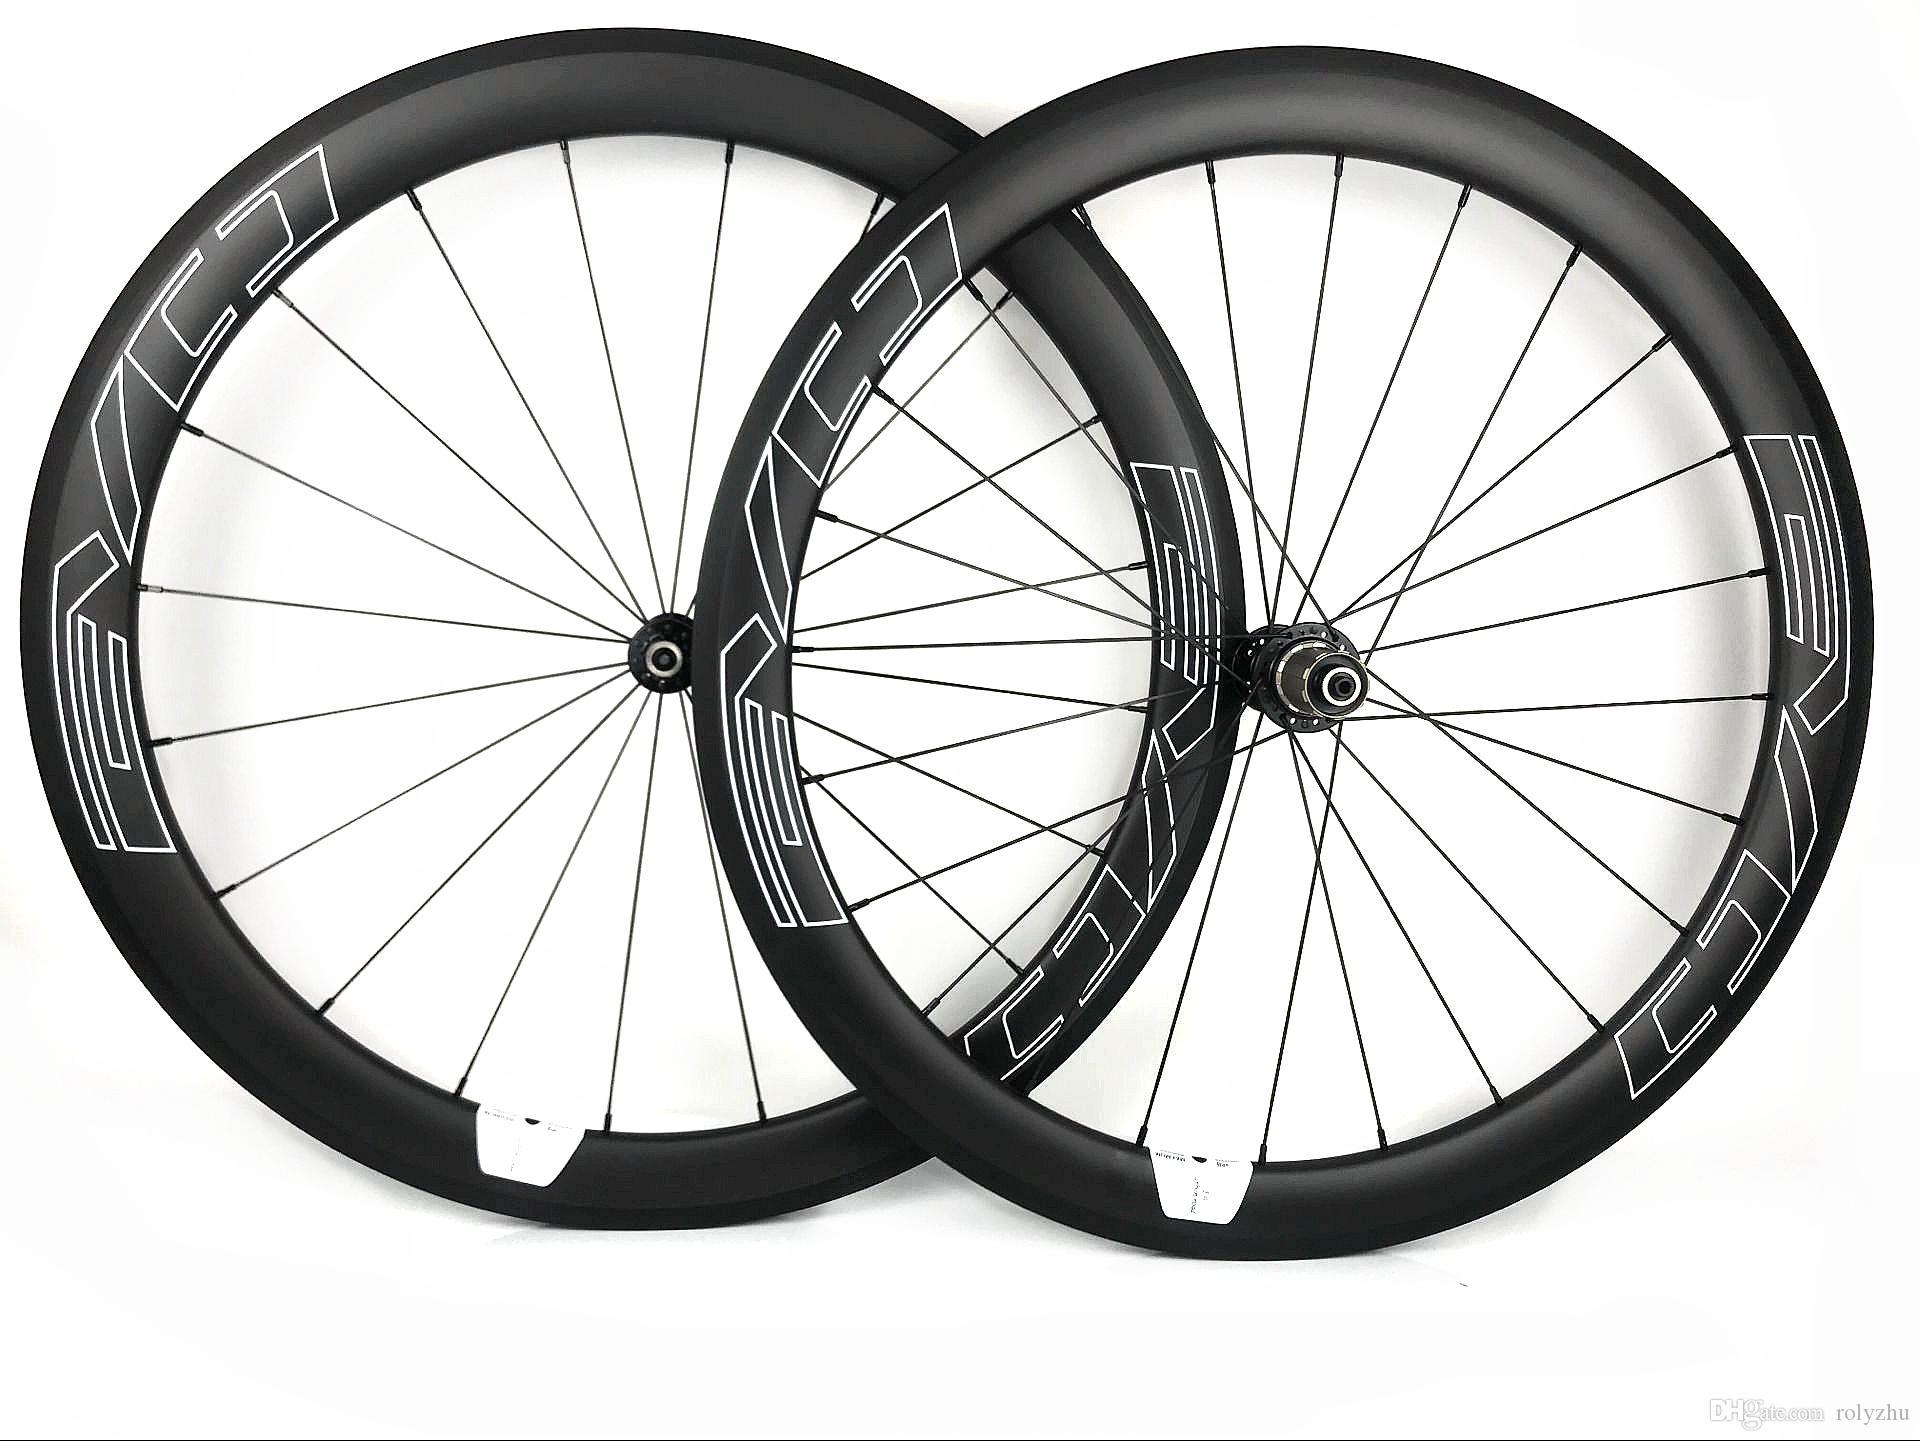 ايفو 700c 50 ملليمتر عمق الطريق دراجة عجلات الكربون 25 ملليمتر الفاصلة العرض / أنبوبي دراجة سوبر ضوء ايرو الكربون العجلات مع 1420 تكلم